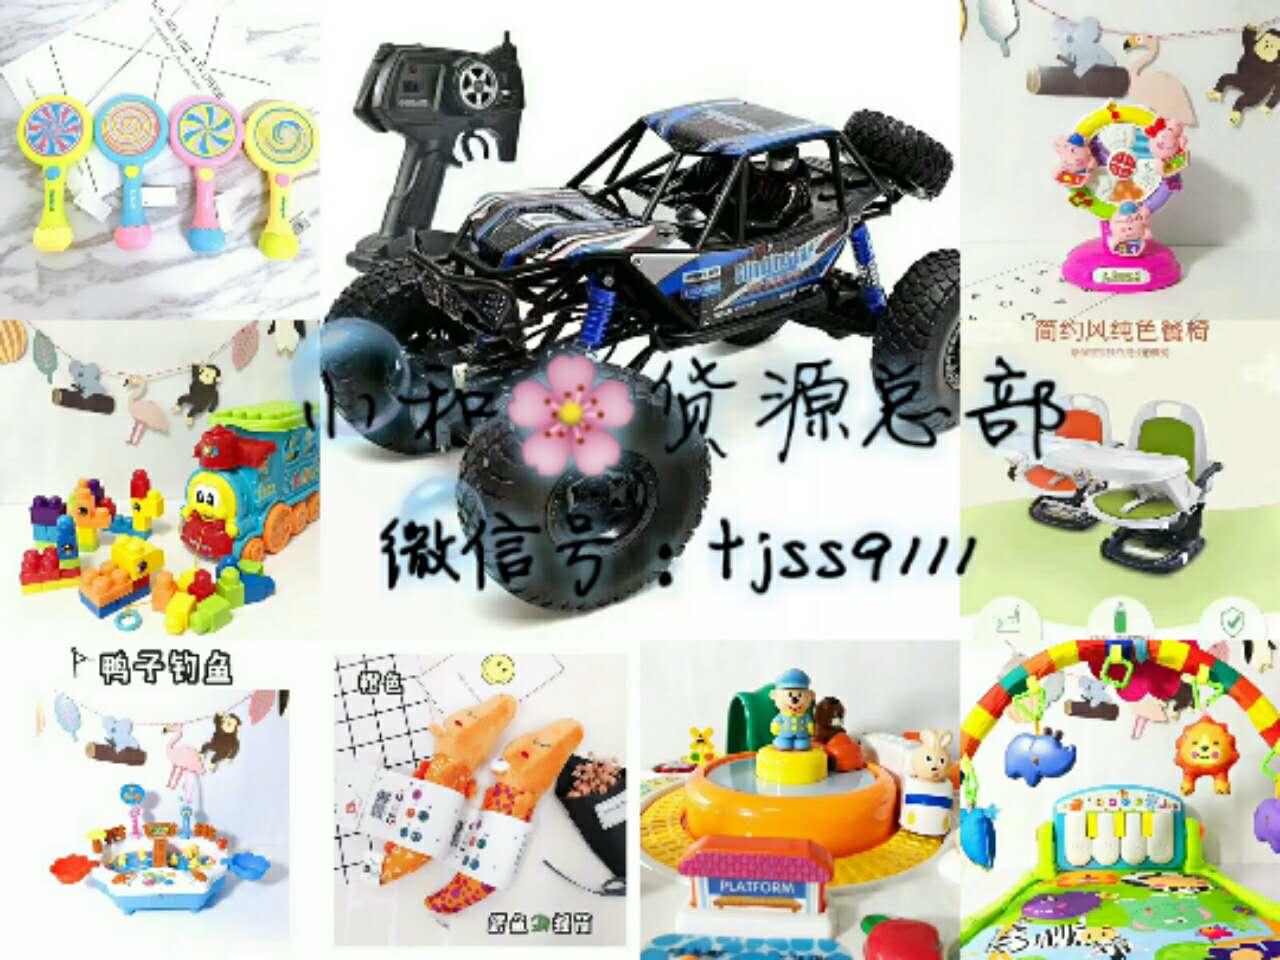 爆款母婴童装、益智玩具厂家招免费代理,支持一件代发